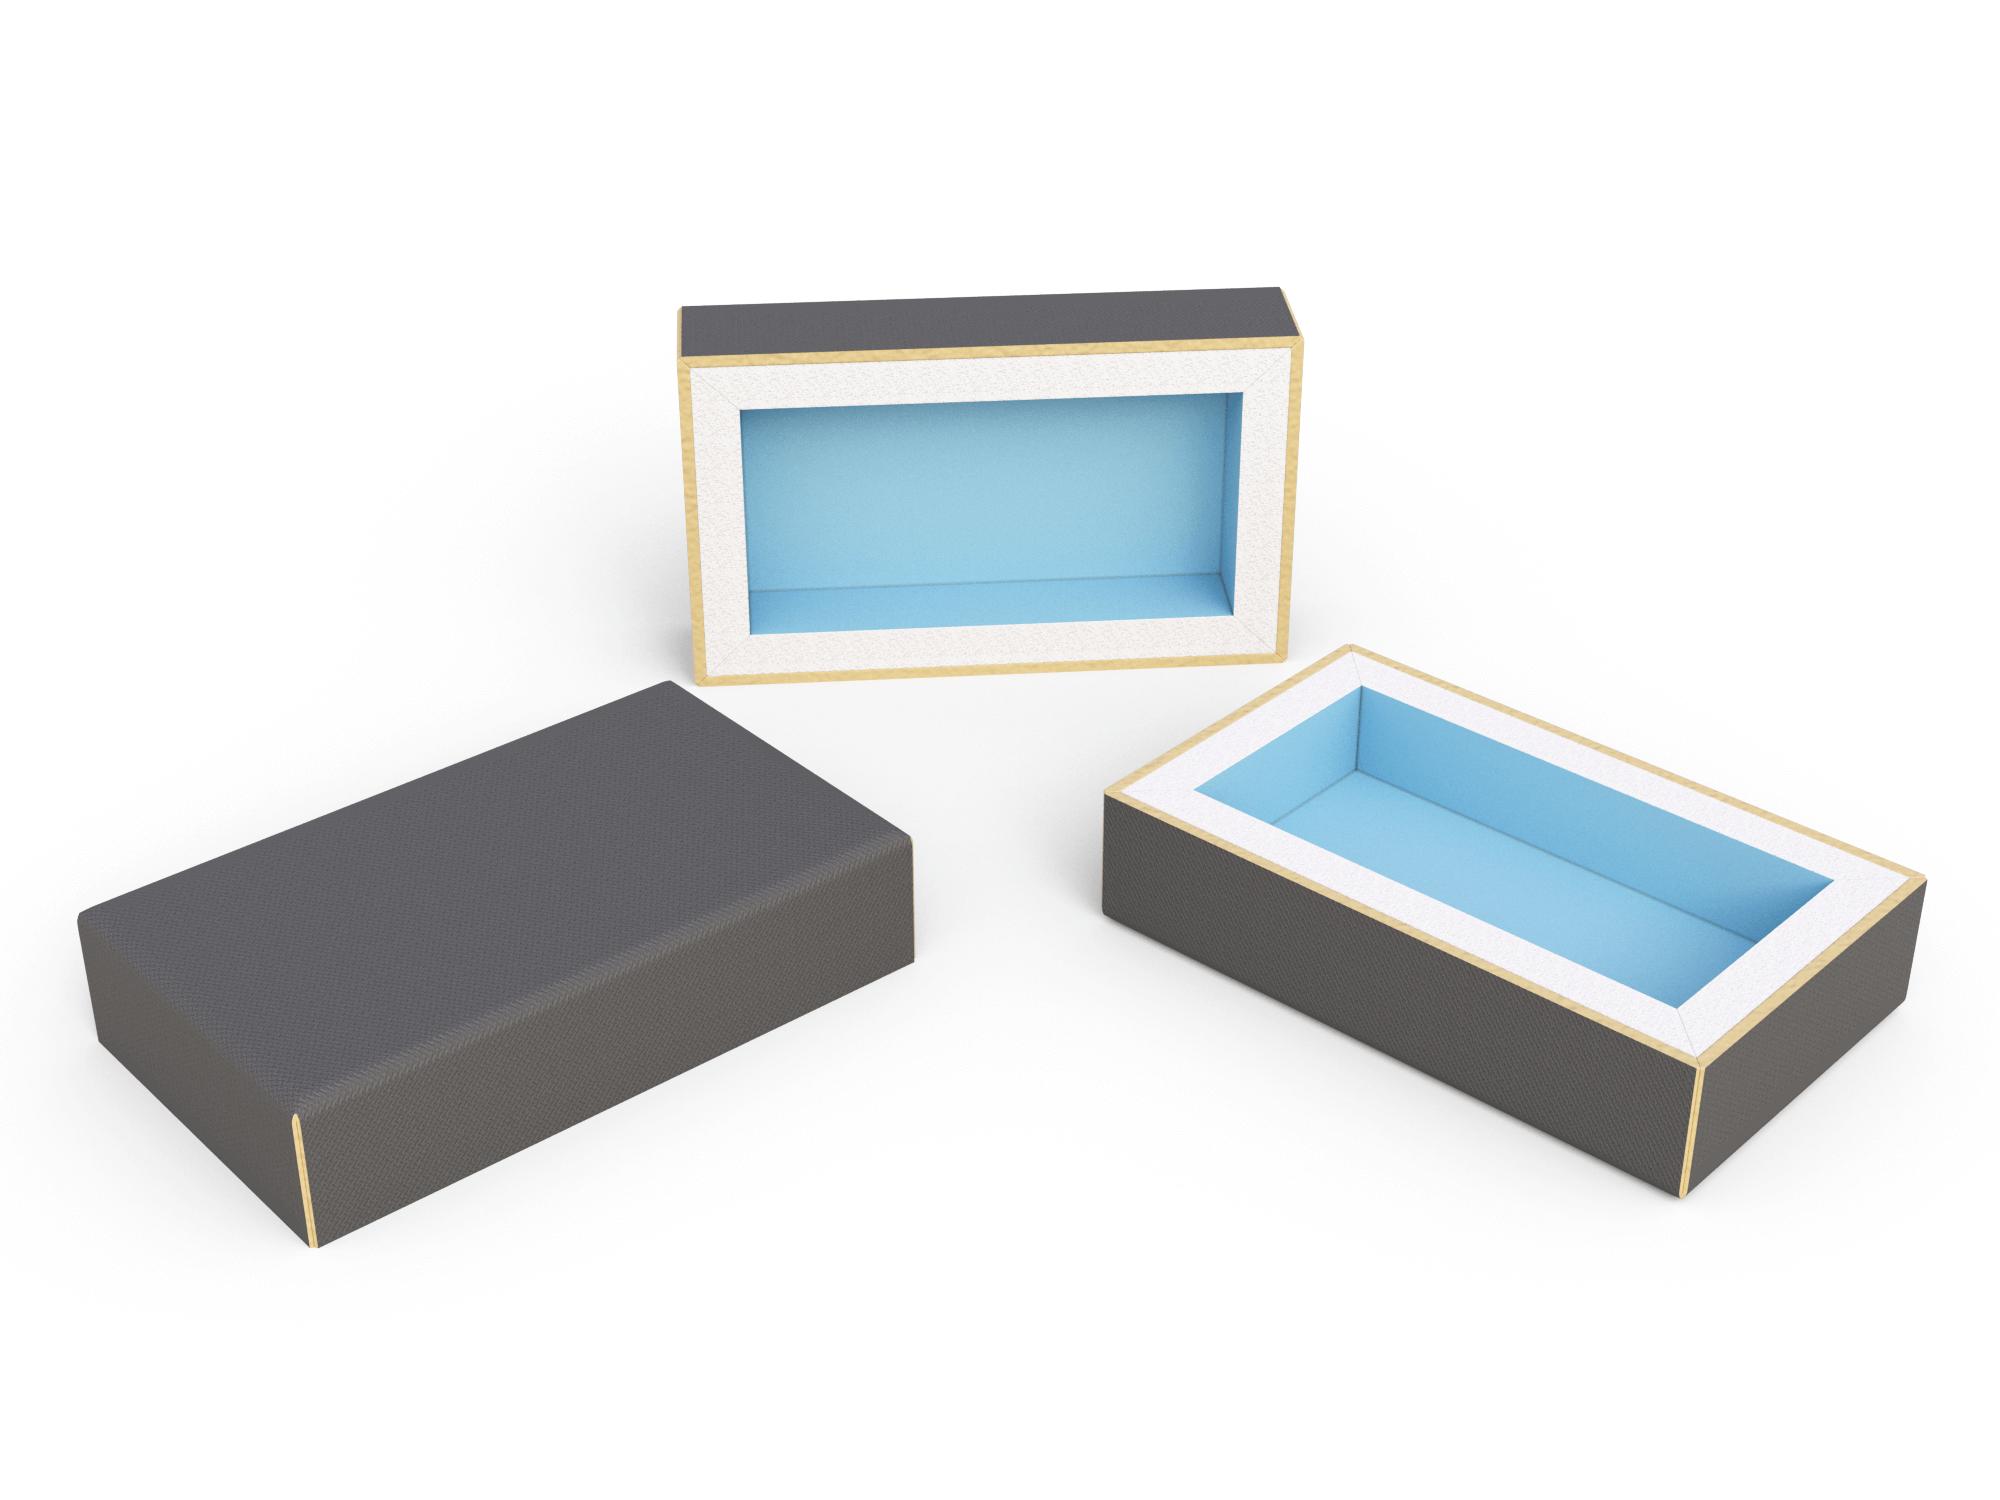 Купить подрозетник Standartish BOX2 оптом в Санкт-Петербурге от производителя, производство